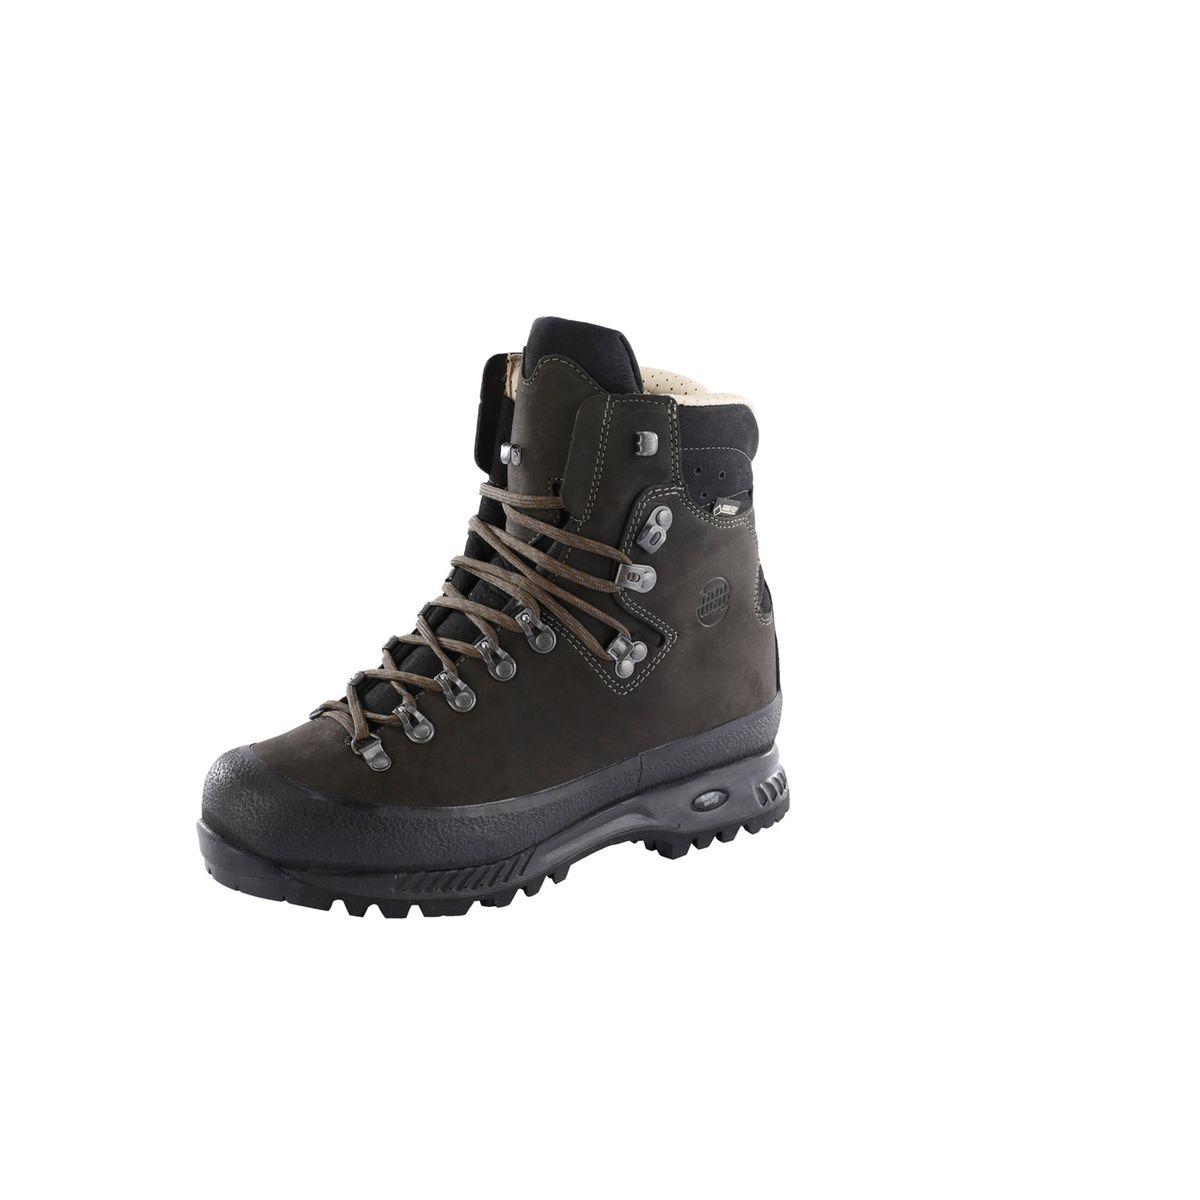 Alaska - Chaussures trekking homme - brun